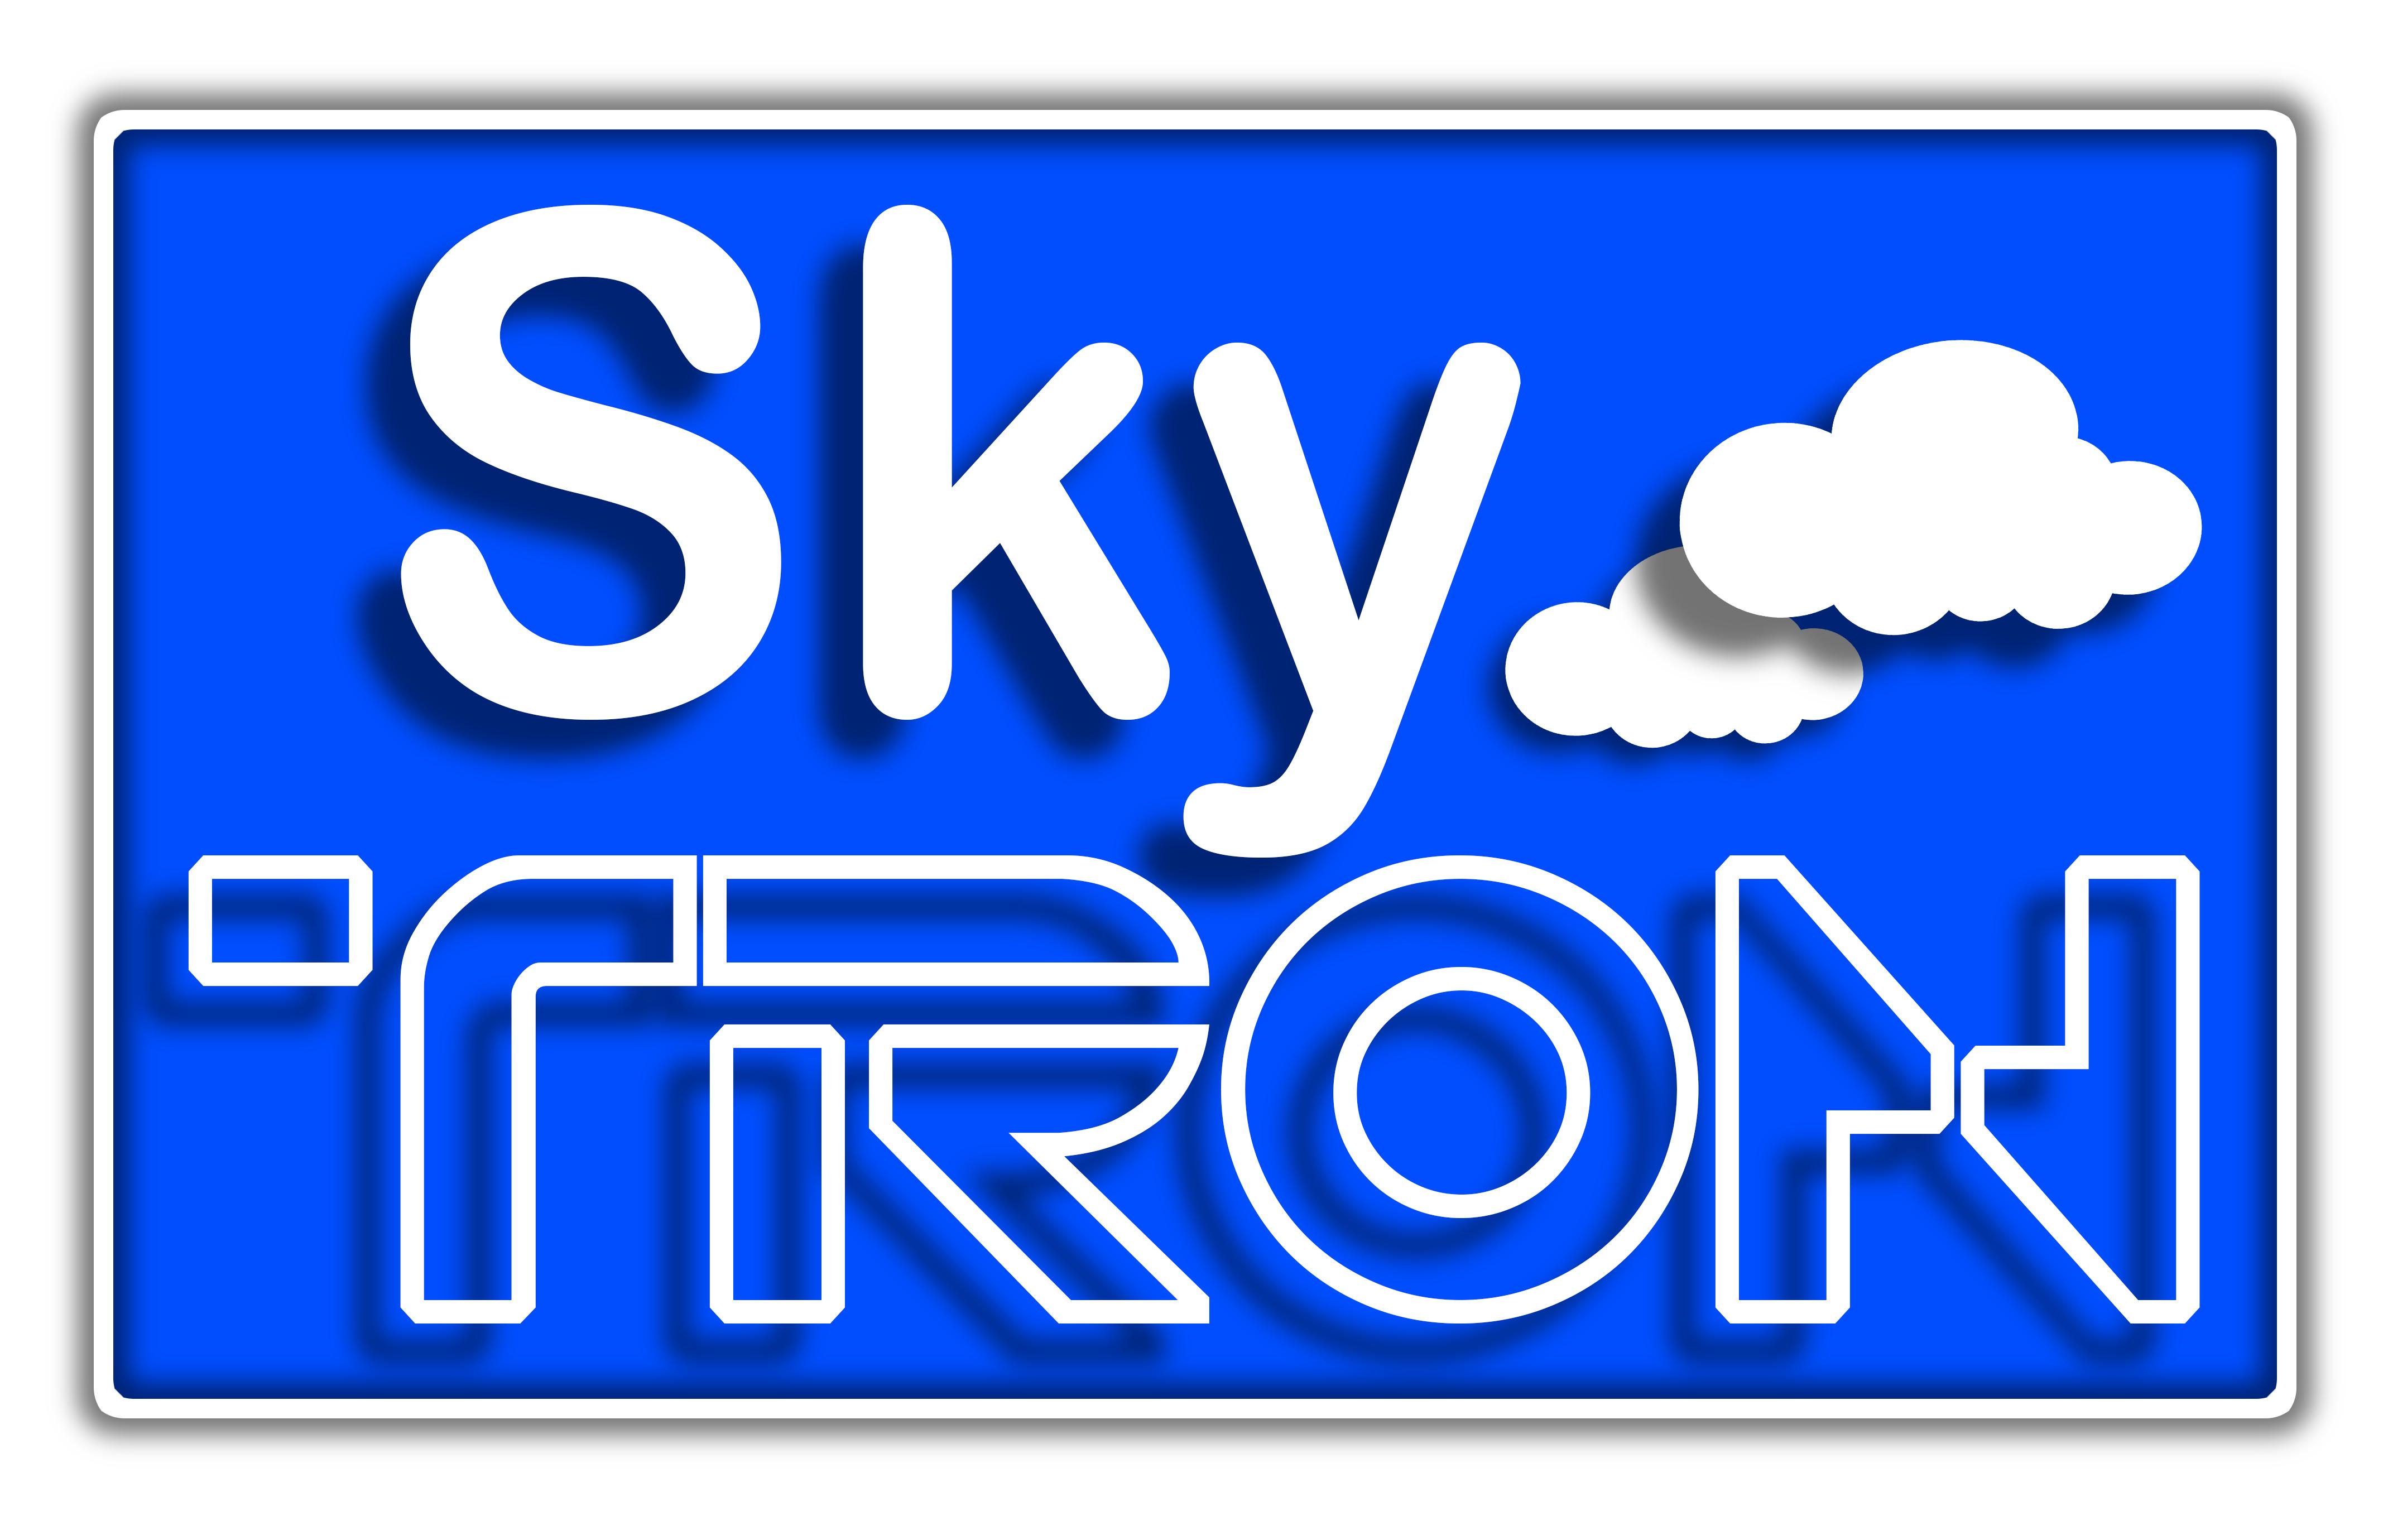 Skytronn. Interrotron at a distanve Logo